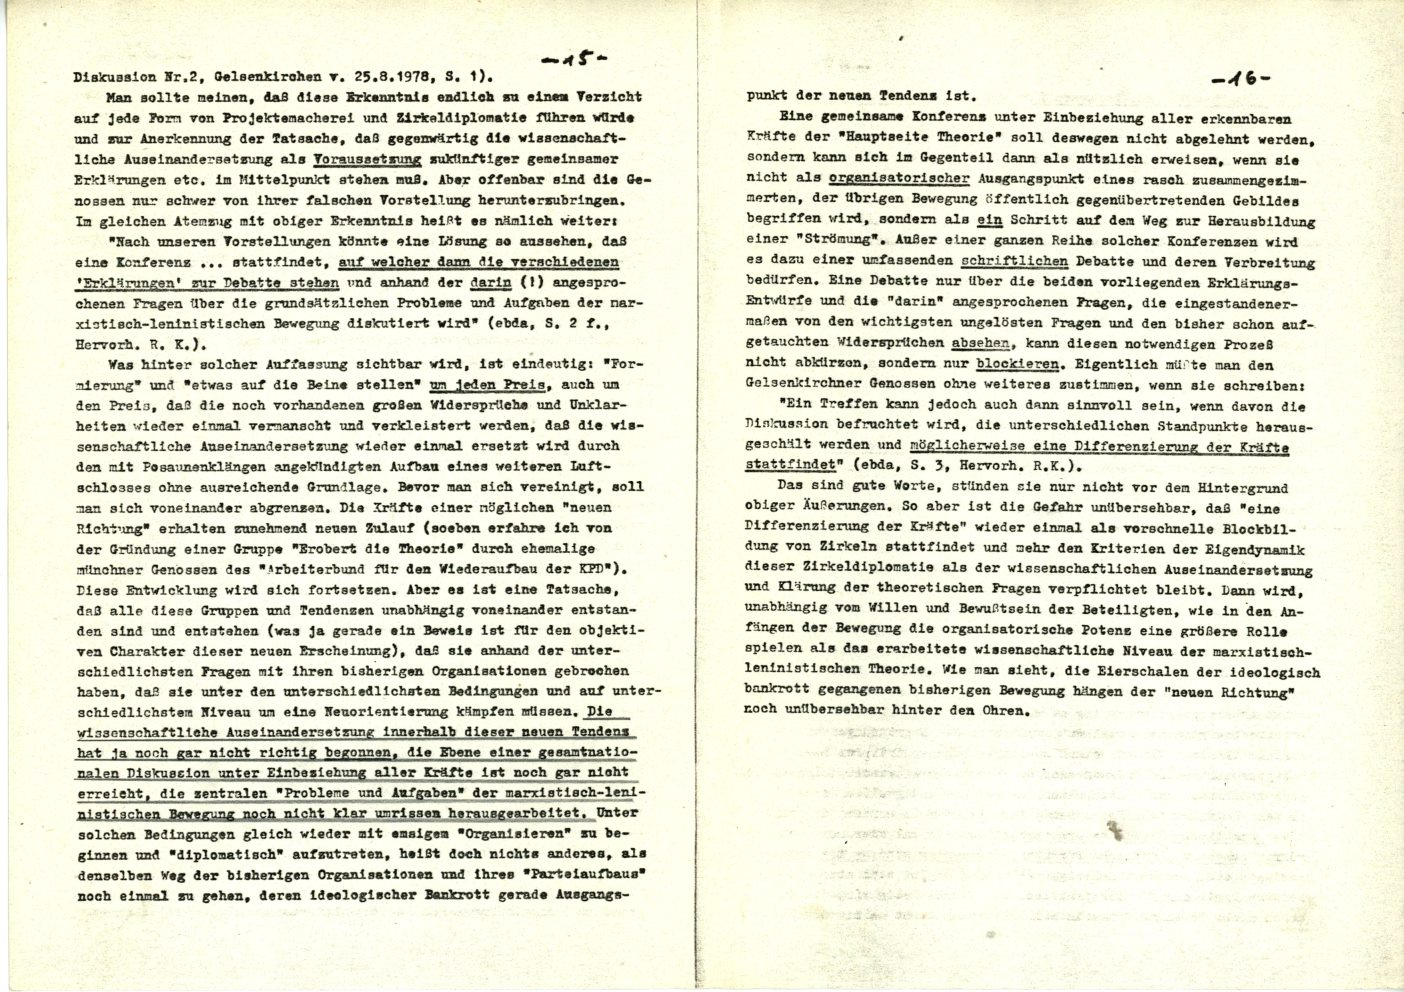 Nuernberg_Fuerth_Erlangen_ML_Diskussionsbeitraege_1978_01_09